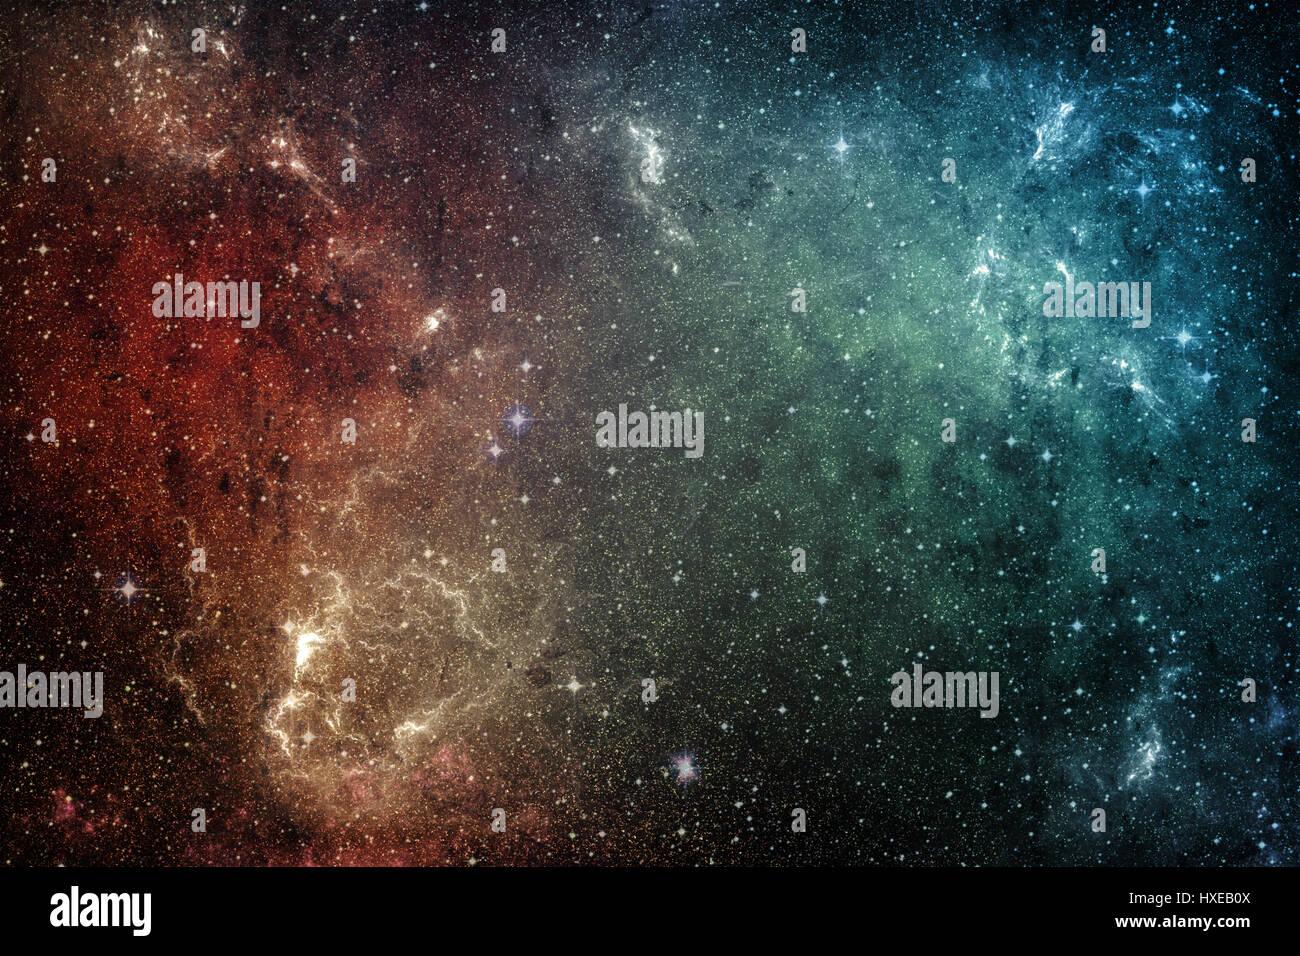 Weltraum Hintergrund. Universum-Sternen-Nebel und Galaxien Stockbild